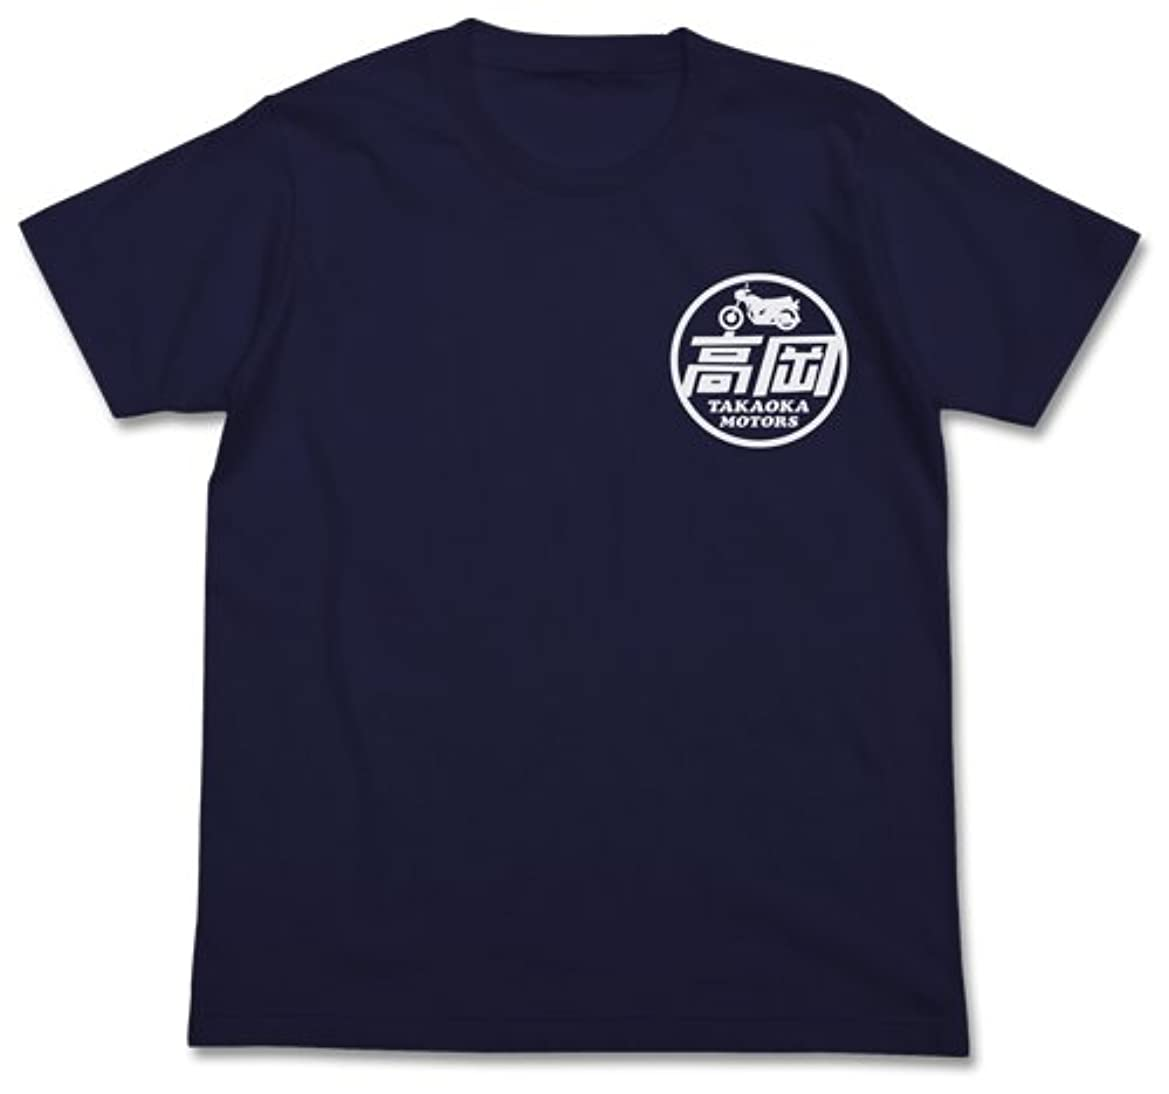 作りセーターアリタイガーマスクW 高岡モータース Tシャツ ネイビー Mサイズ